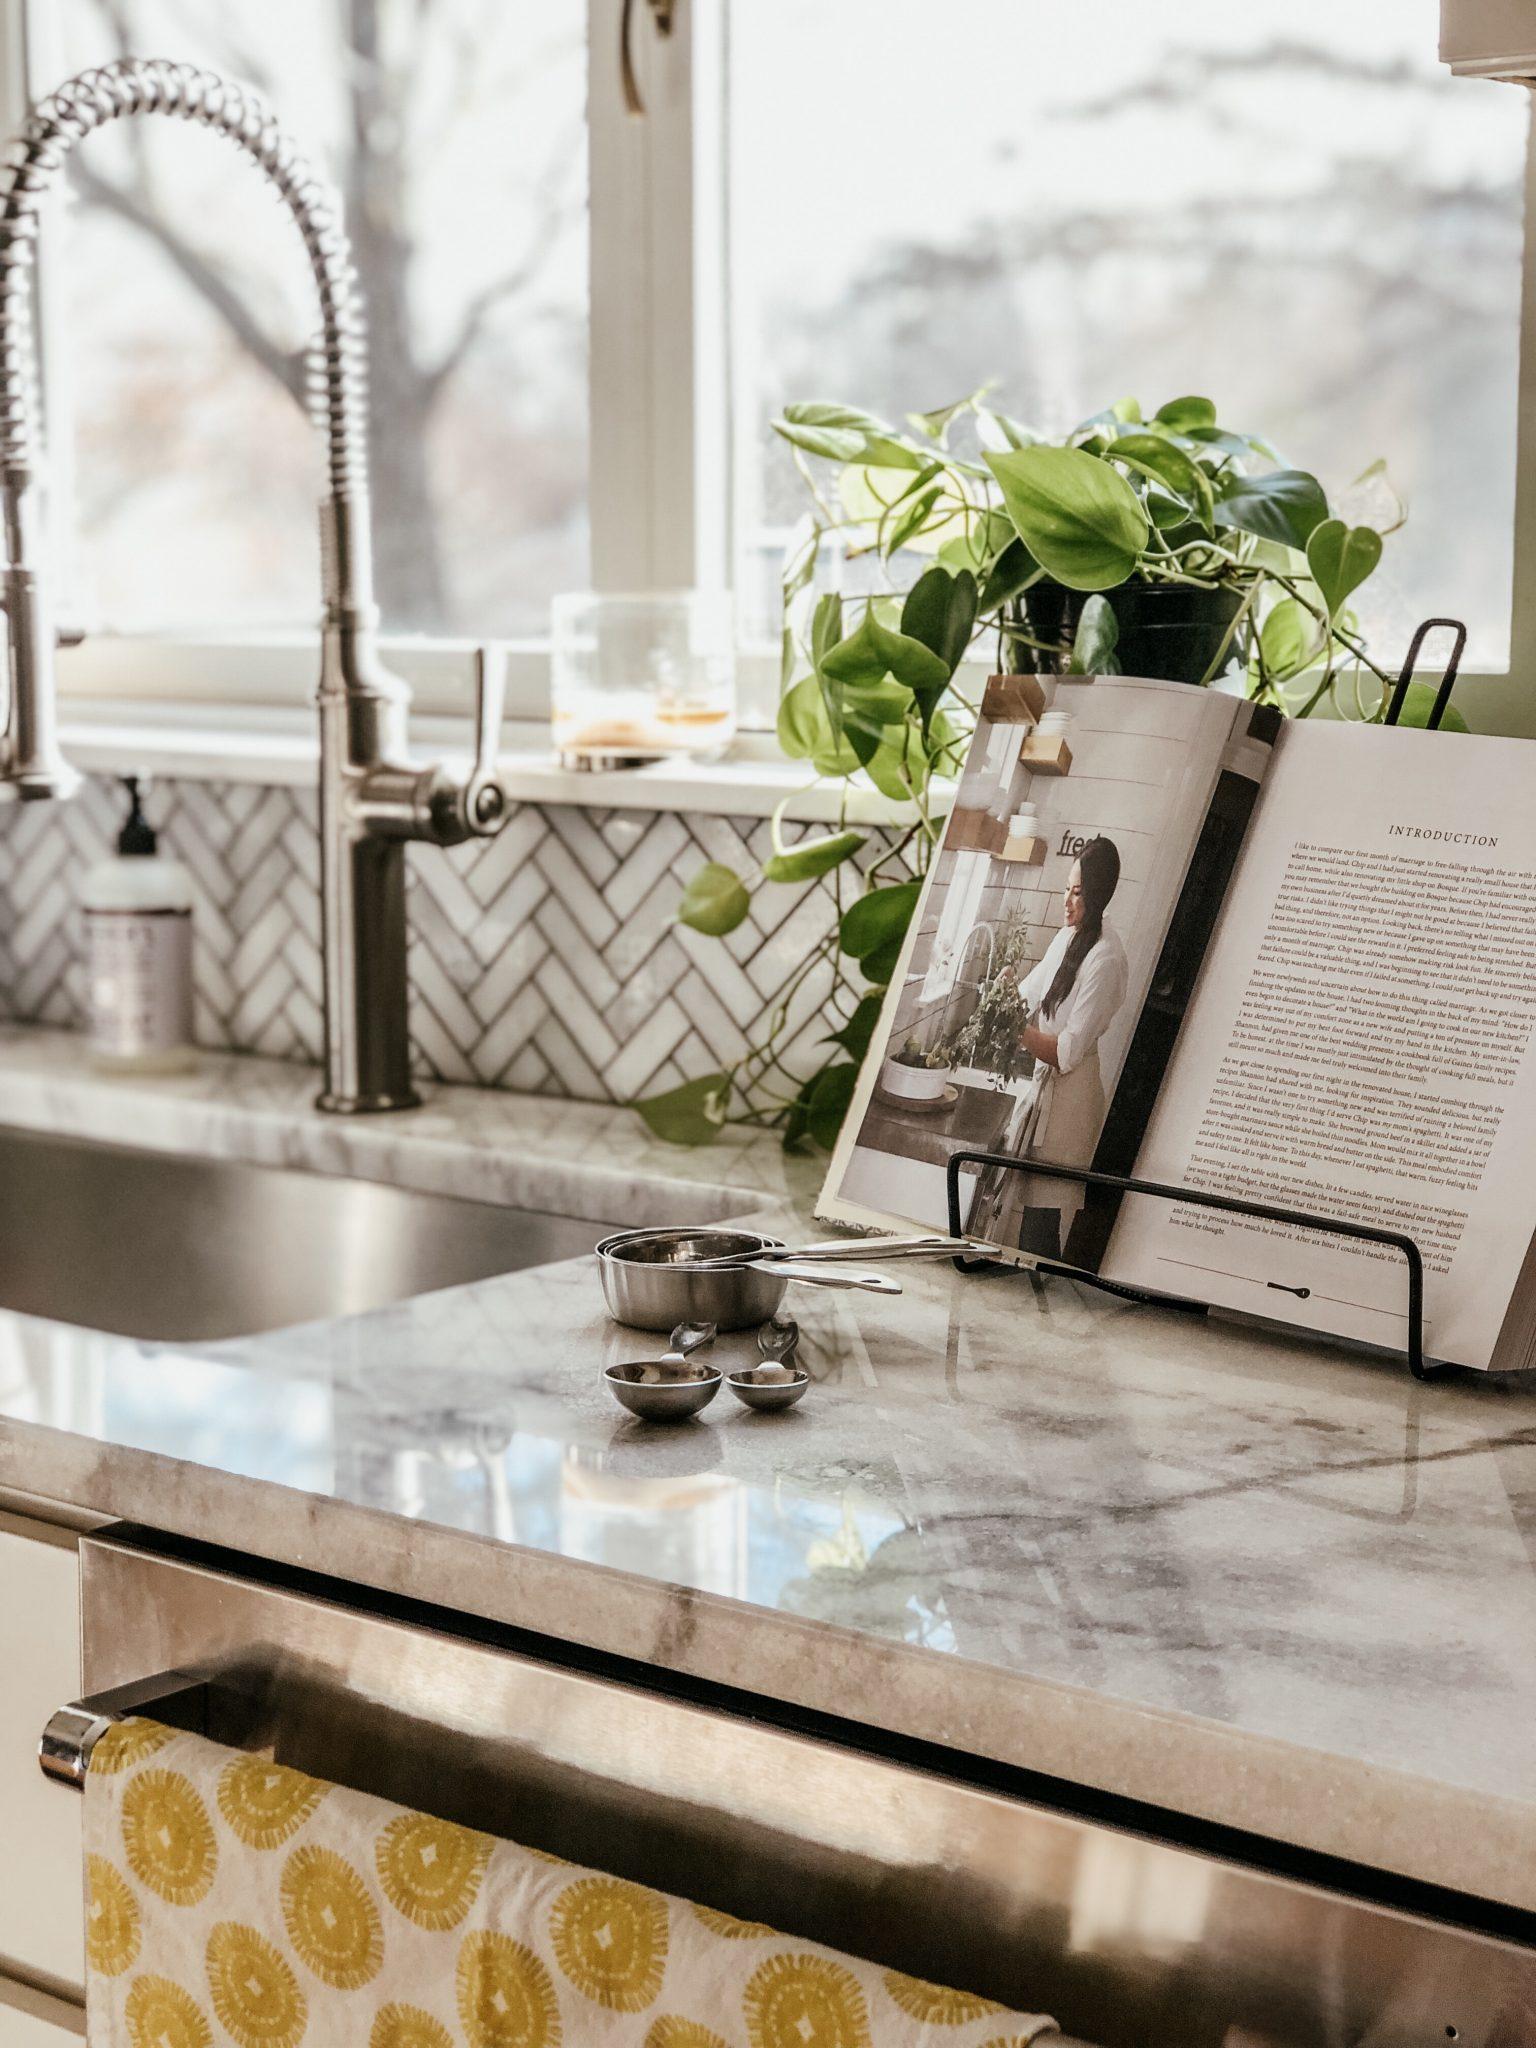 Friday Splendors   Daily Splendor   Kitchen decor, home decor, white kitchen #cookbook #cooking #kitcheninspiration #kitchenideas